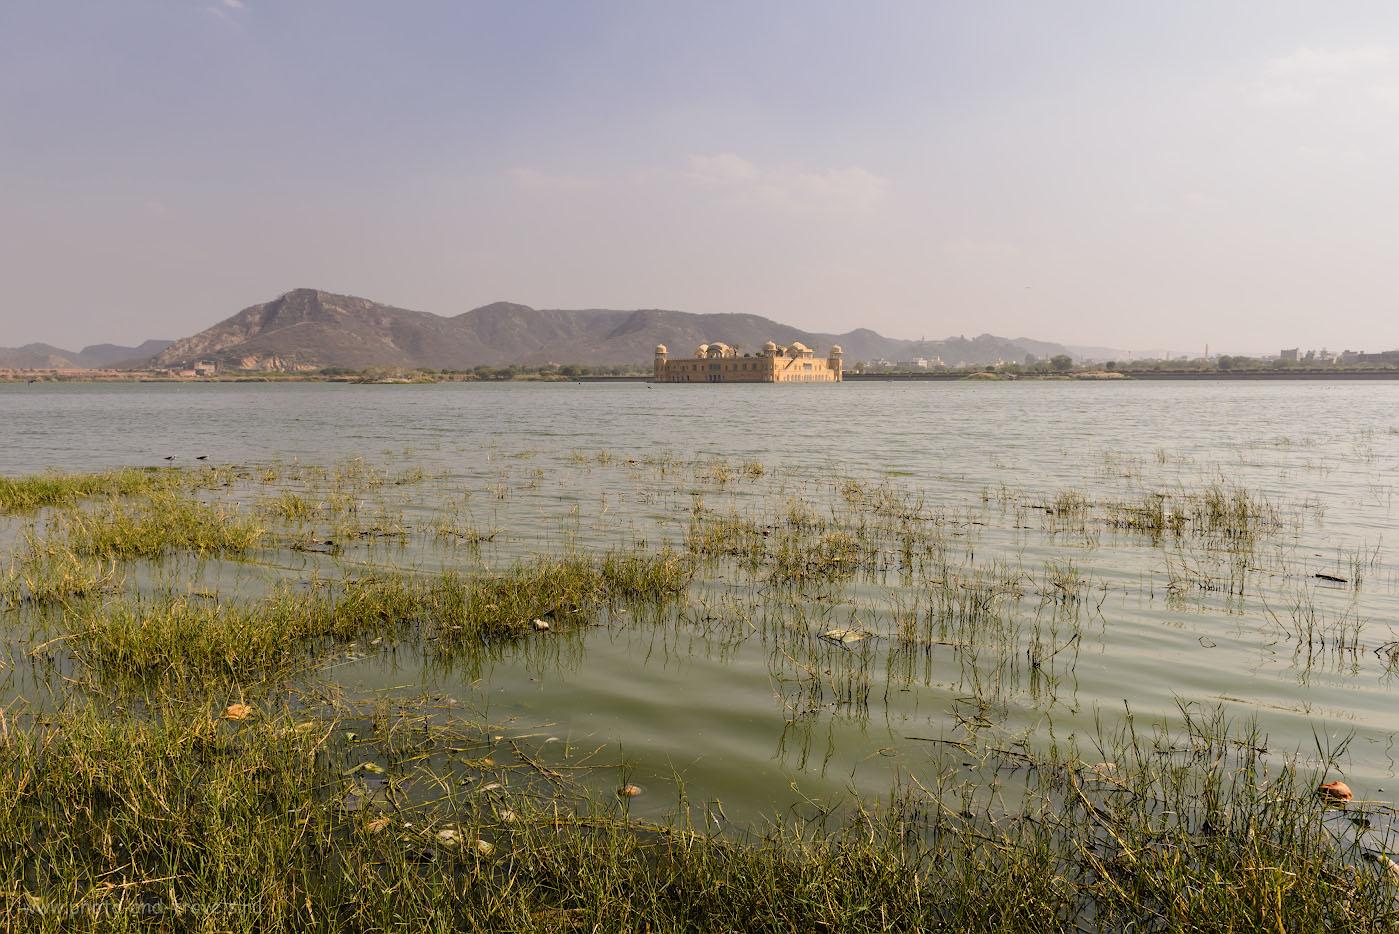 Фотография 5. Дворец Джал-Махал на озере Мэн Сагар в Джайпуре. Отзывы туристов о путешествии в Индию самостоятельно. 1/250, 9.0, 100, 24.